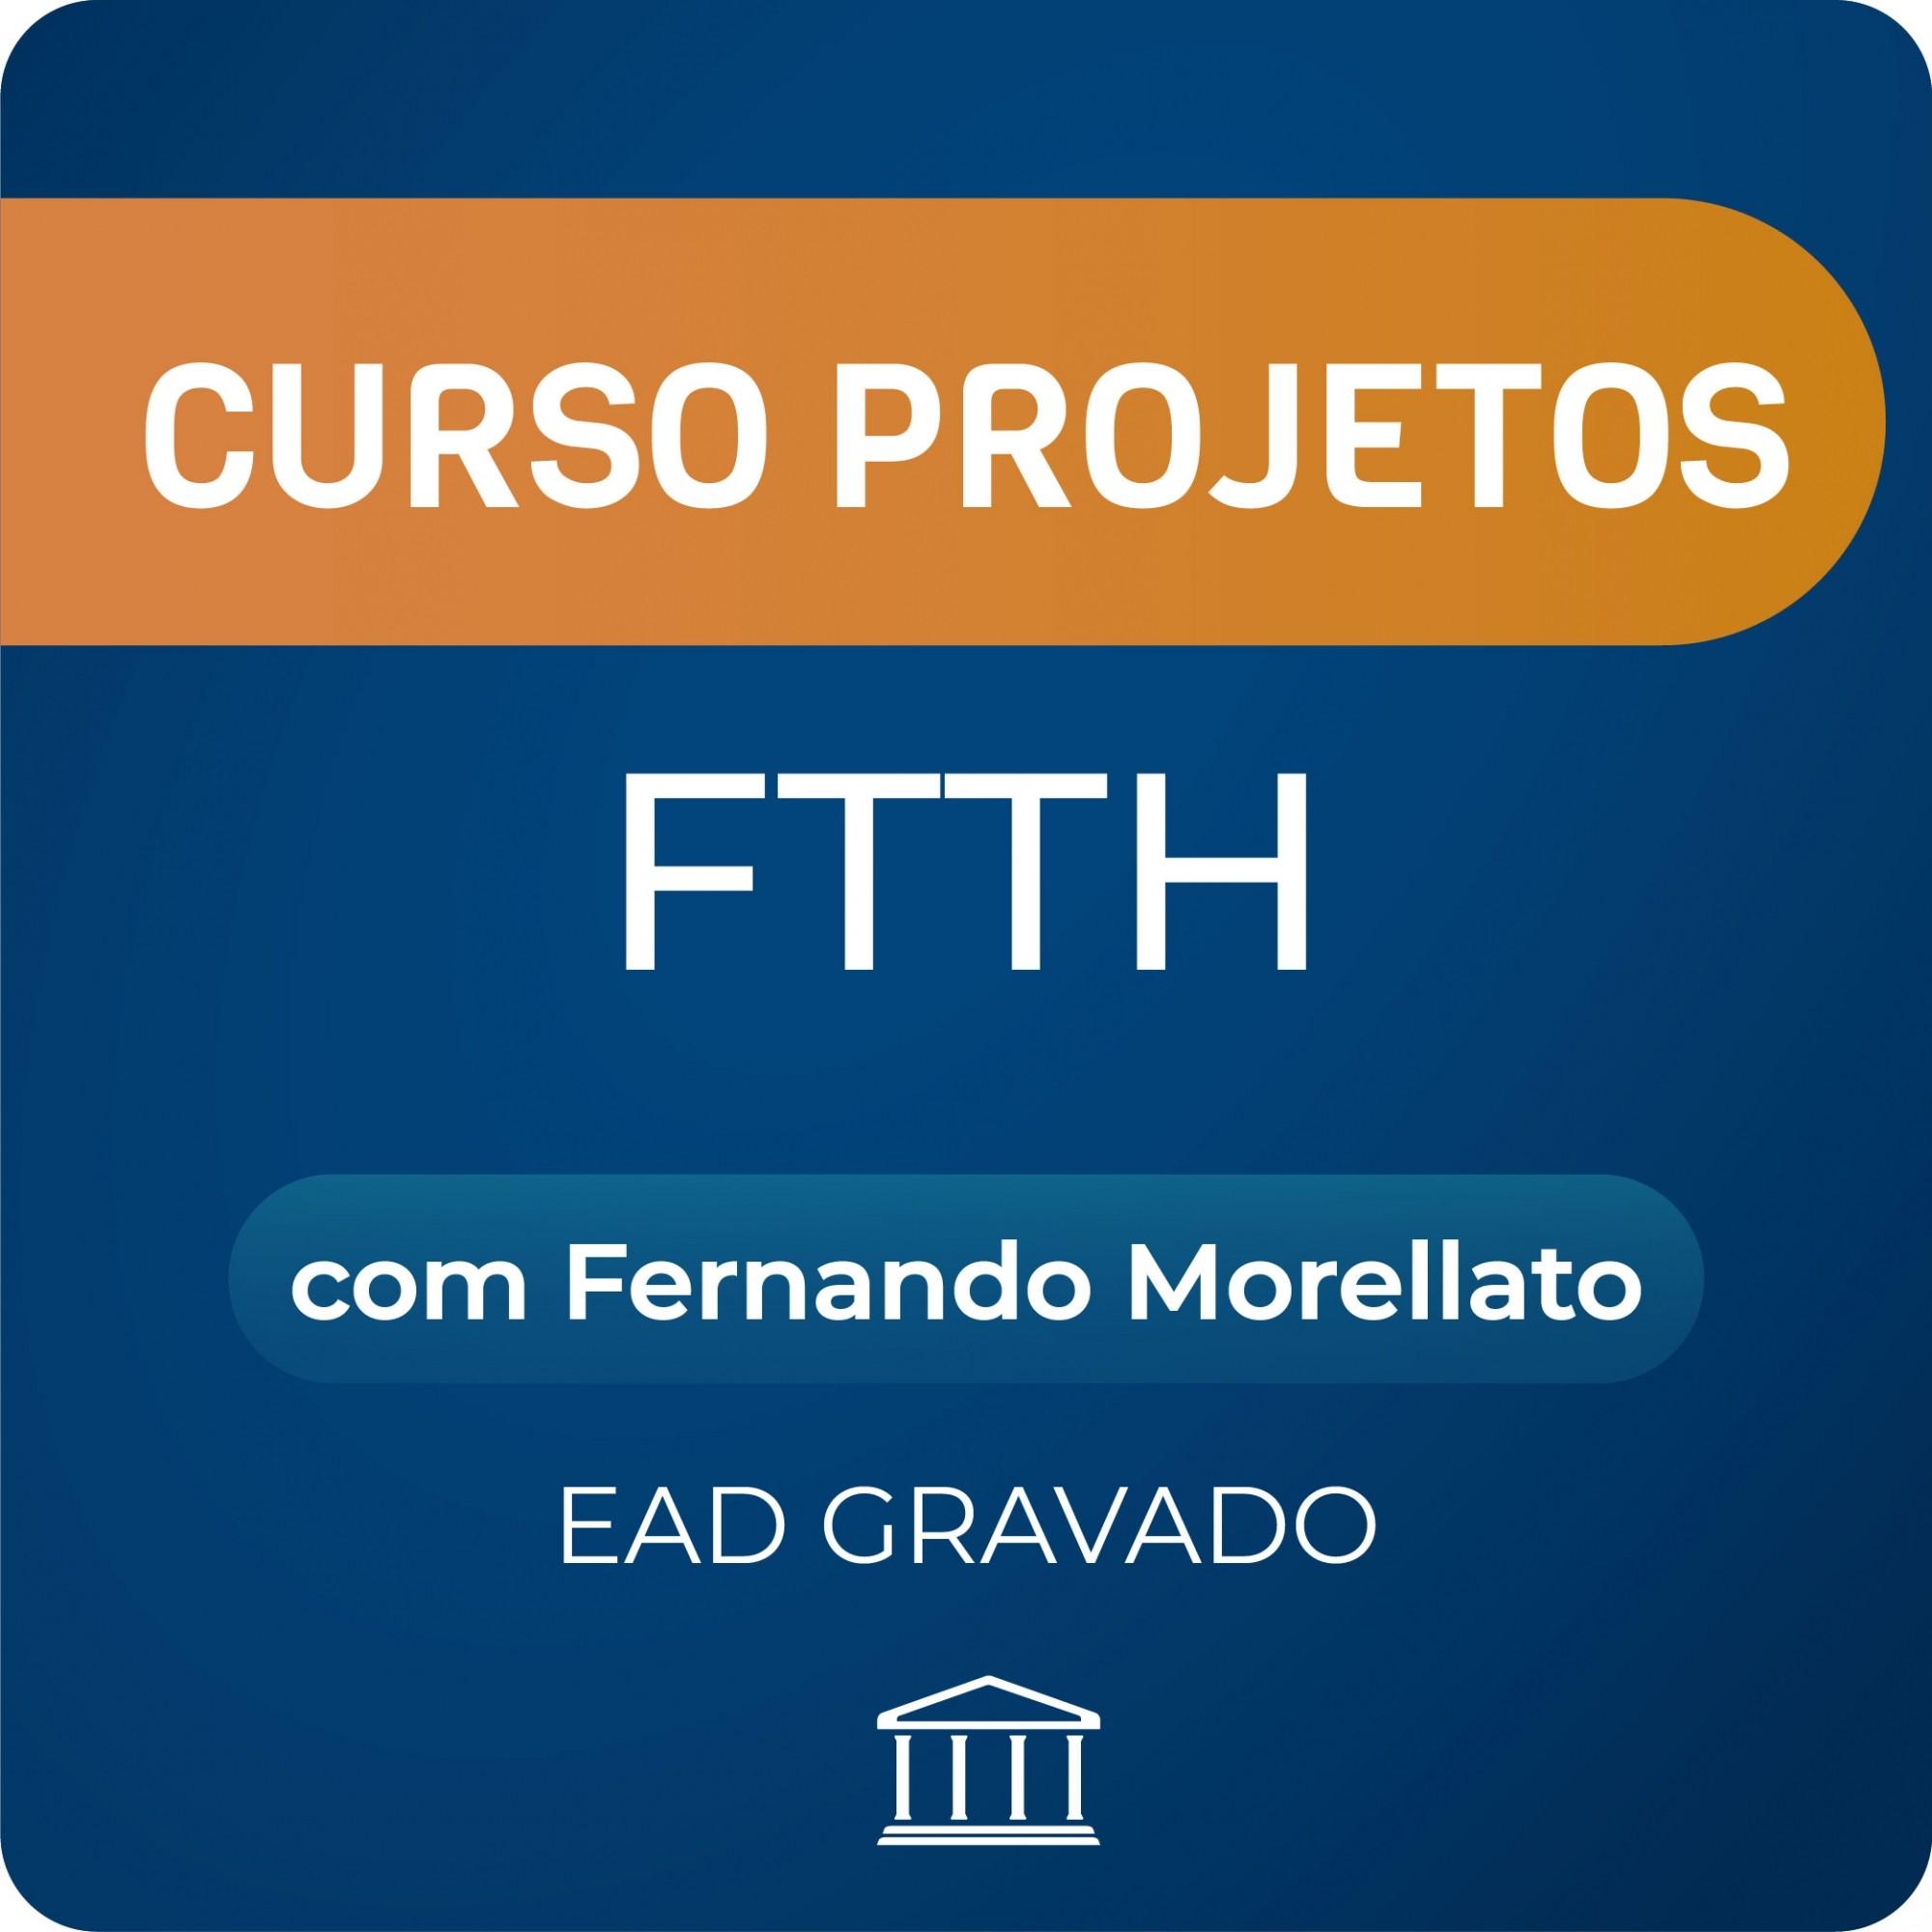 Curso Projetos FTTH com Fernando Morellato - Gravado  - Voz e Dados